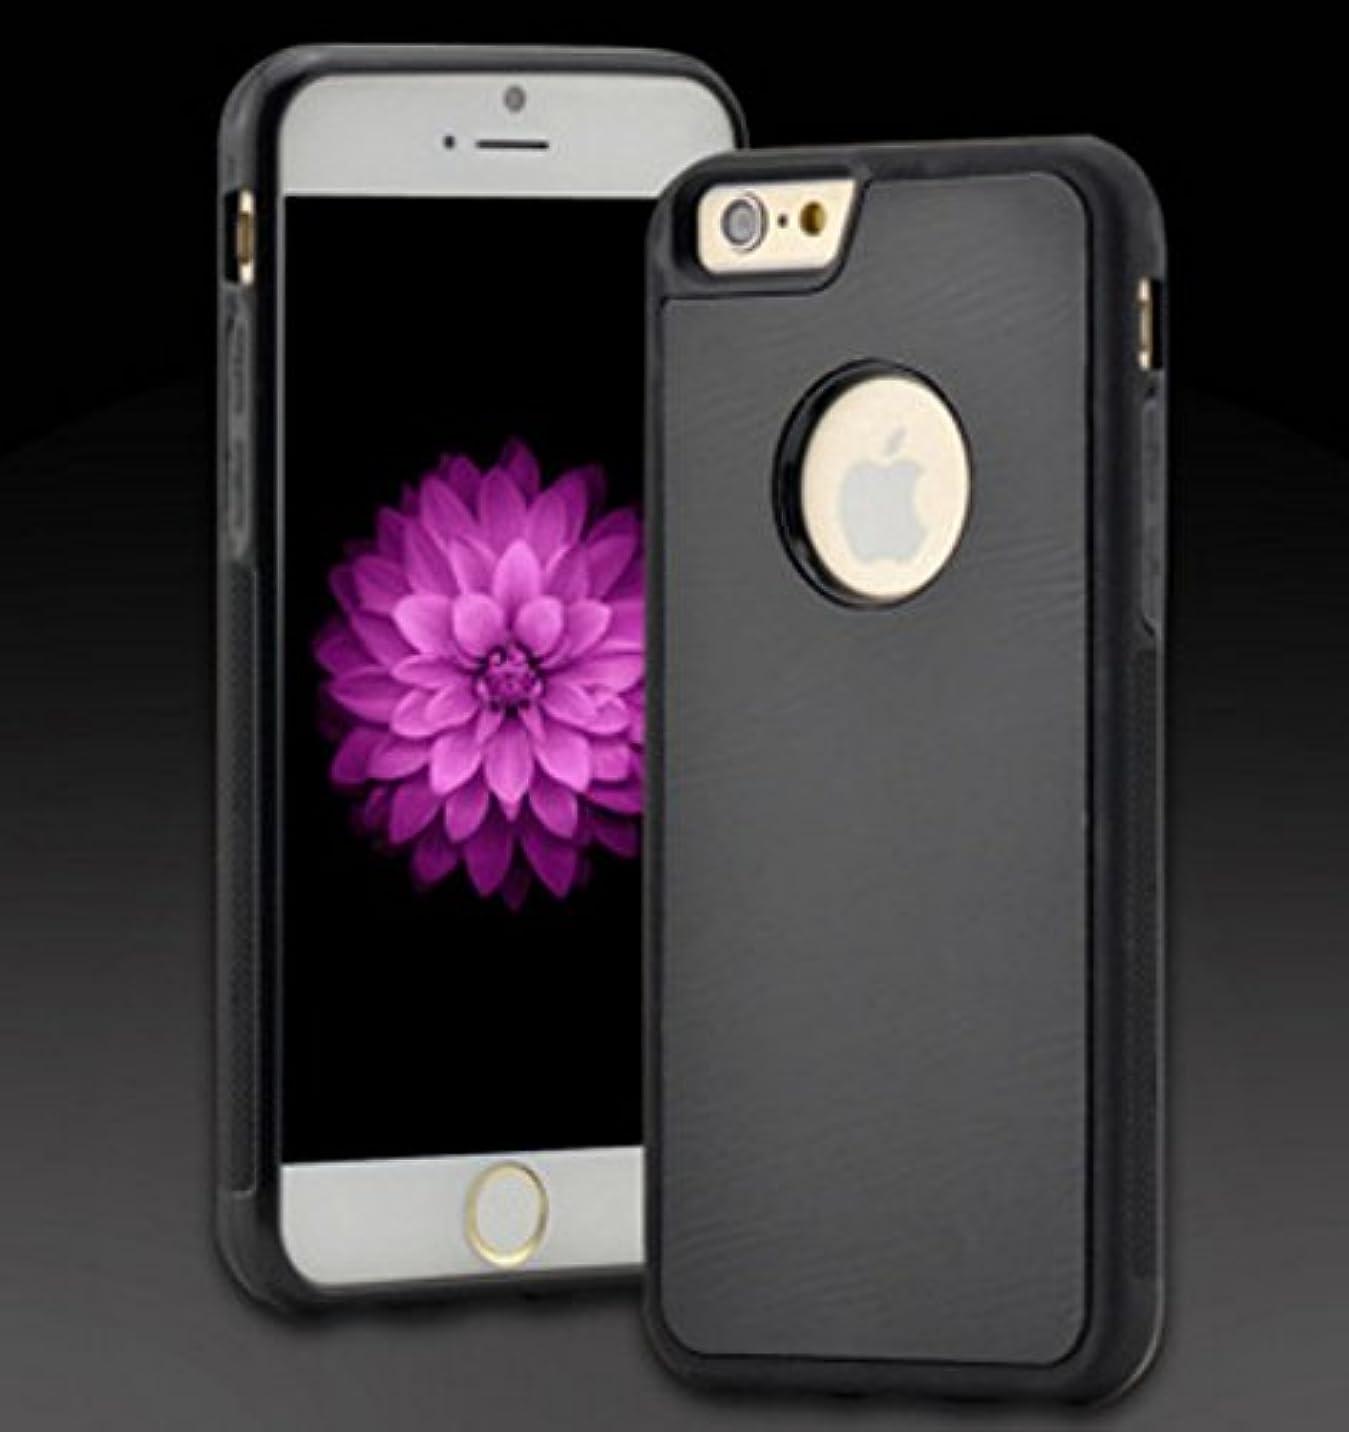 浸食によると接触[ARTASY WORKSHOP®][並行輸入品] iPhone 6S / 6S Plus / iPhone 7 / 7 Plus 対応 滑らかな表面に吸着できる 反重力ケース 4色 ソフトケース 吸着型 アイフォン7 高耐久性 安全 便利 Anti-Gravity Phone Case (iPhone 7, ブラック)